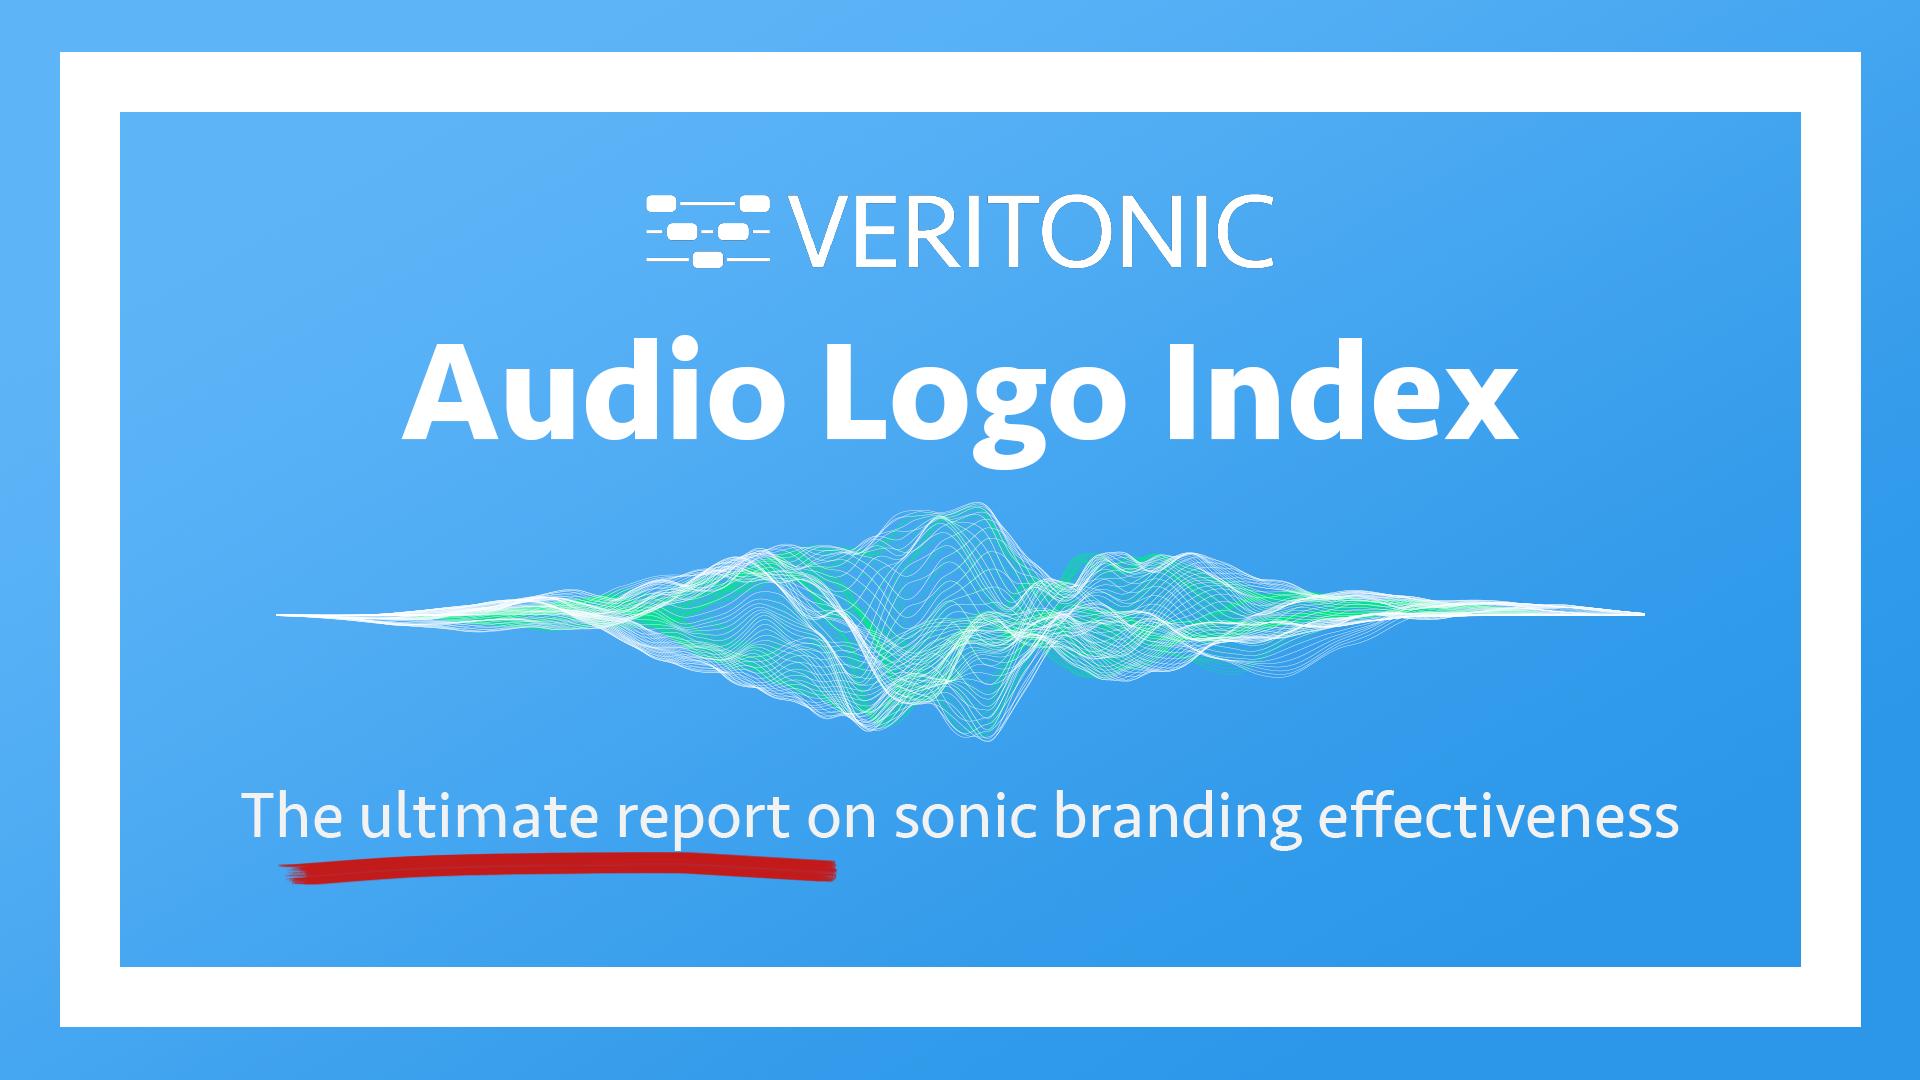 Veritonic Annual Audio Logo Index